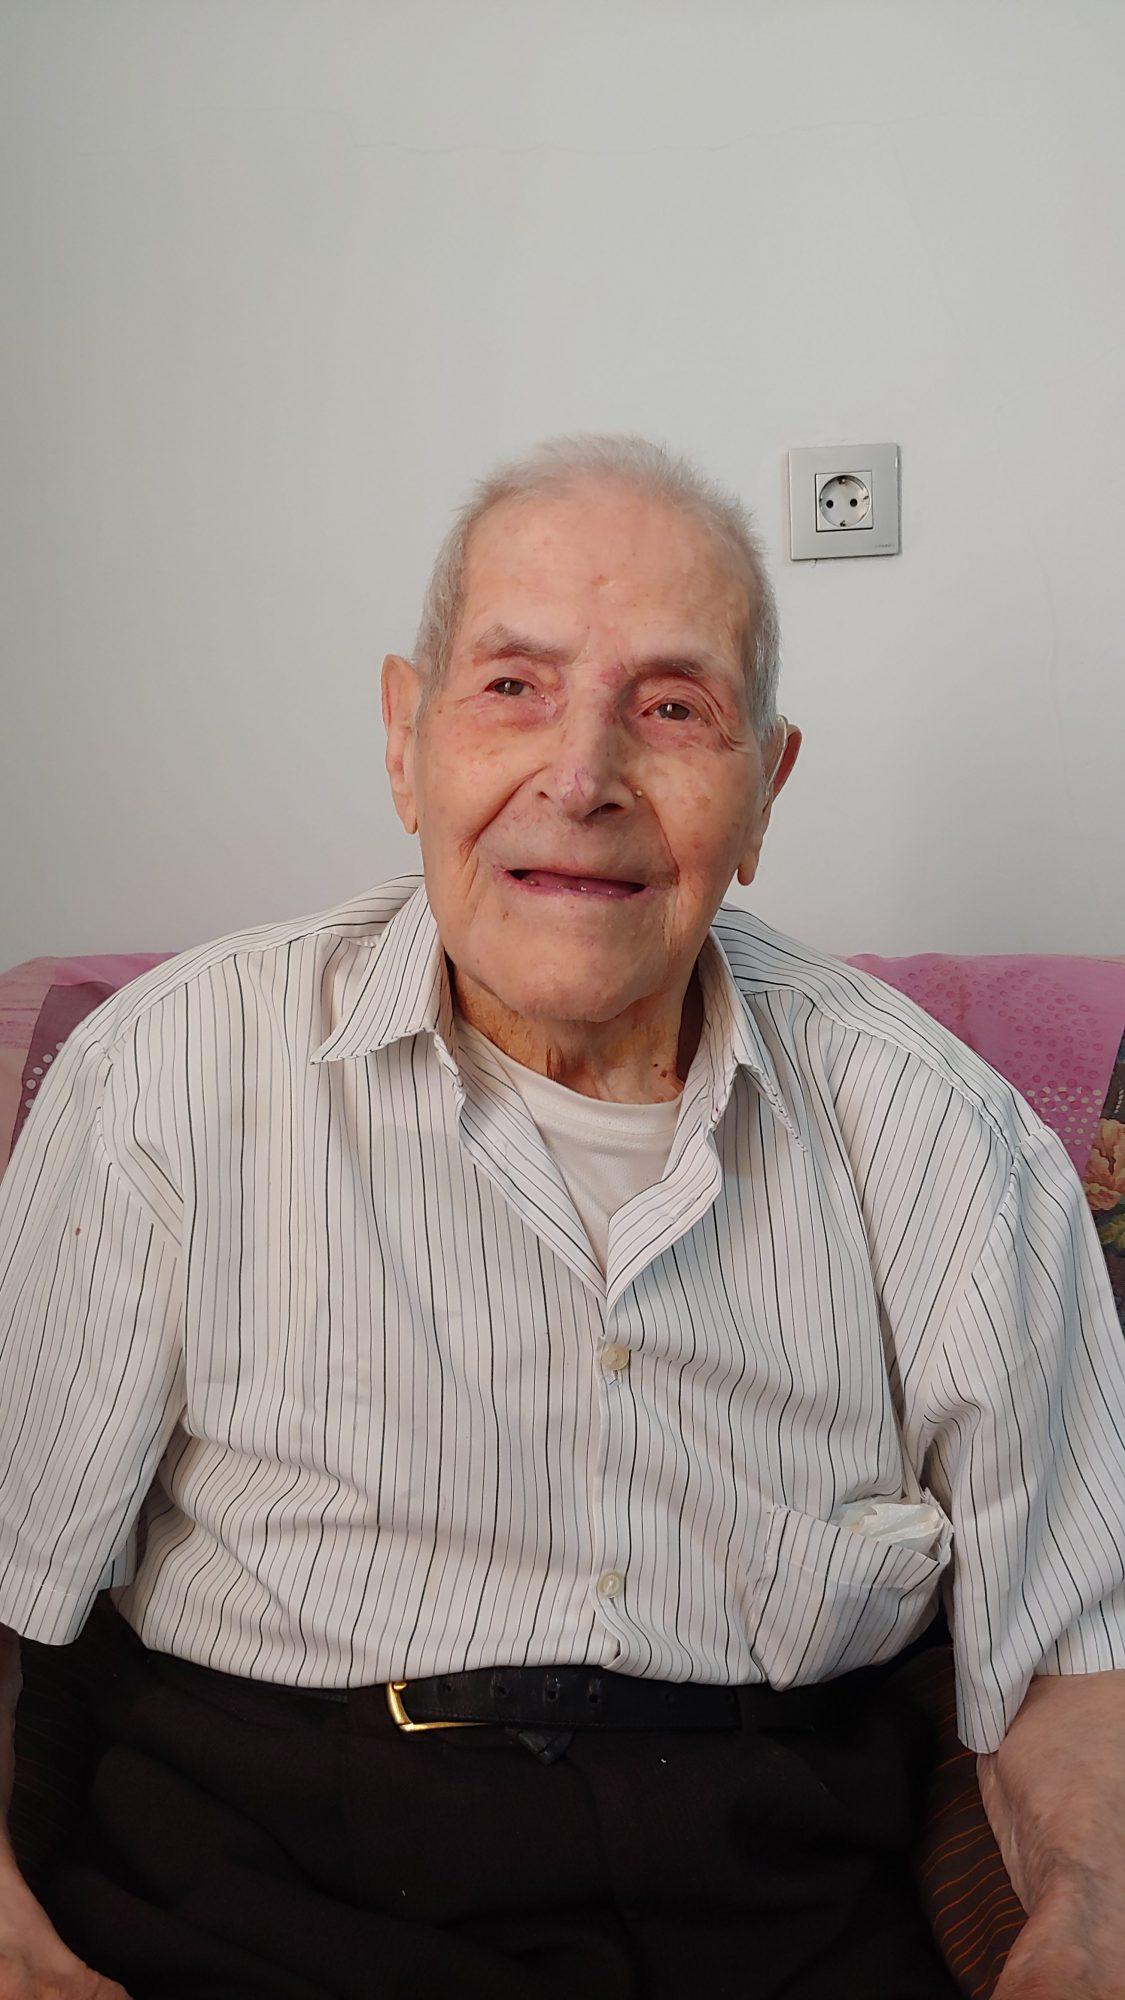 Raíces de El Liberal. Daniel Chico Mesa, 102 años. Había en el corral más de 5.000 tíos, prisioneros, nos daban para comer 4 patatas bailando en agua, sin aceite, medio crudas y se morían cada día 2 o 3 tíos | Liberal de Castilla